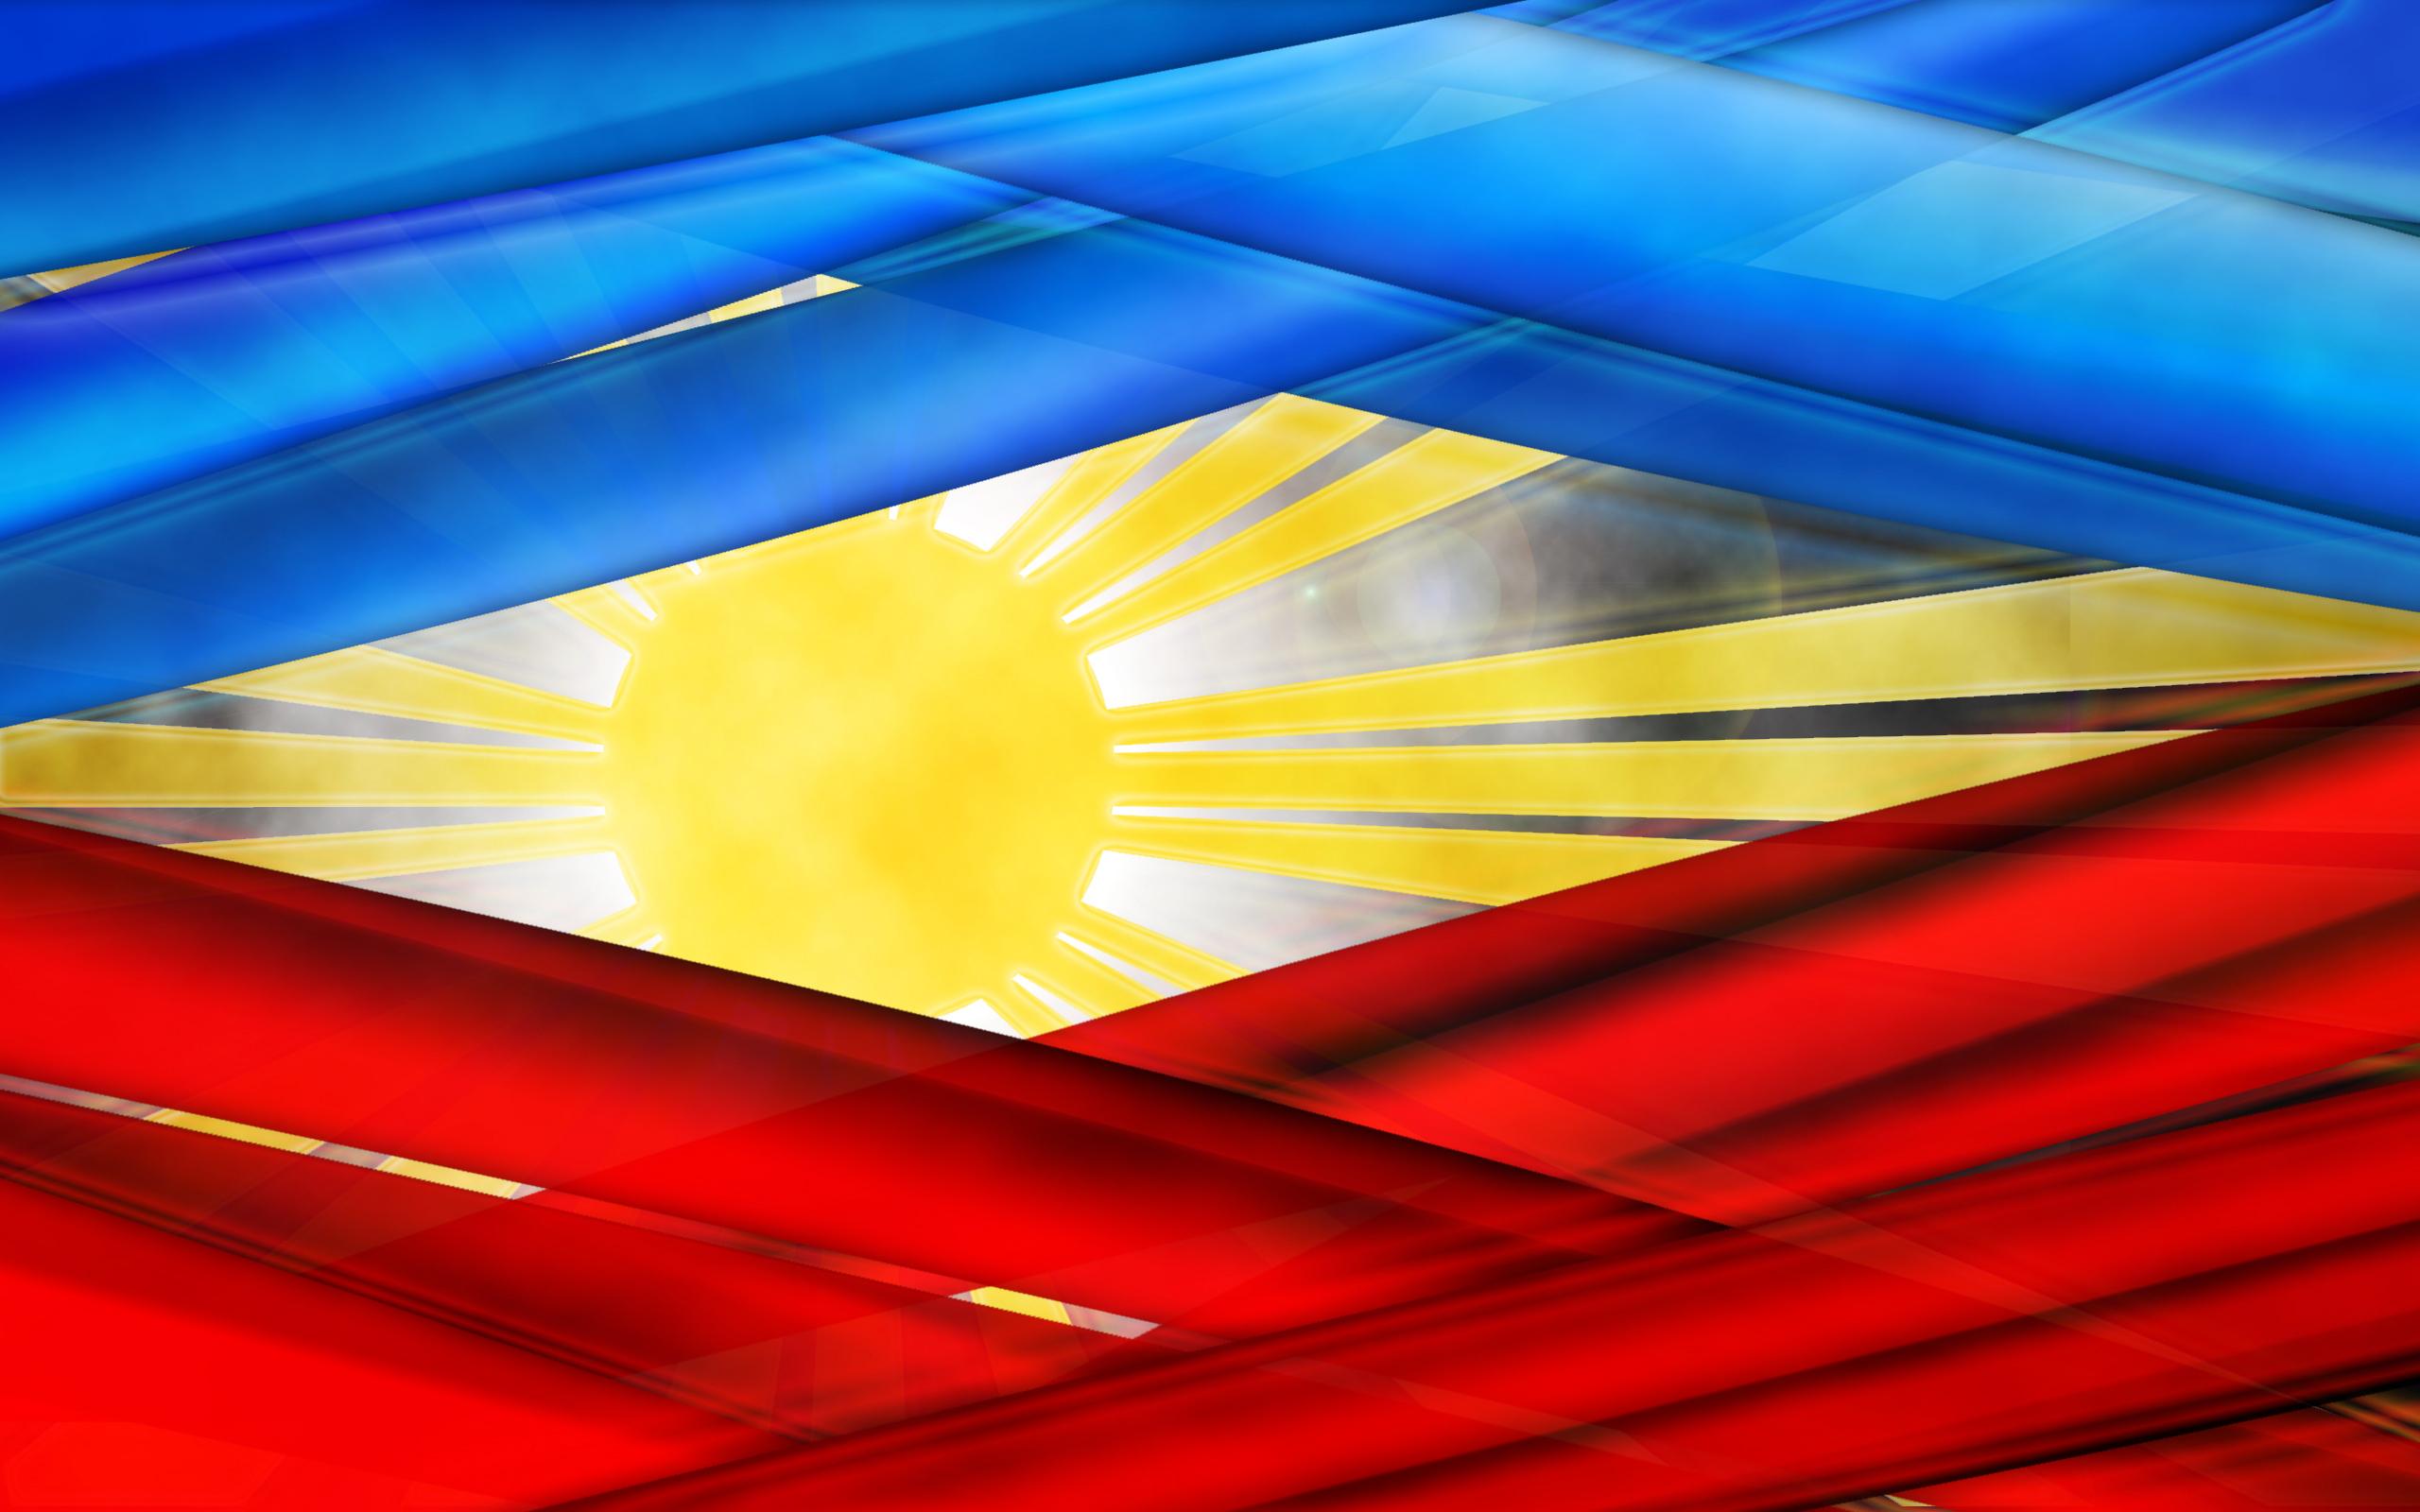 filipino culture wallpaper - photo #28